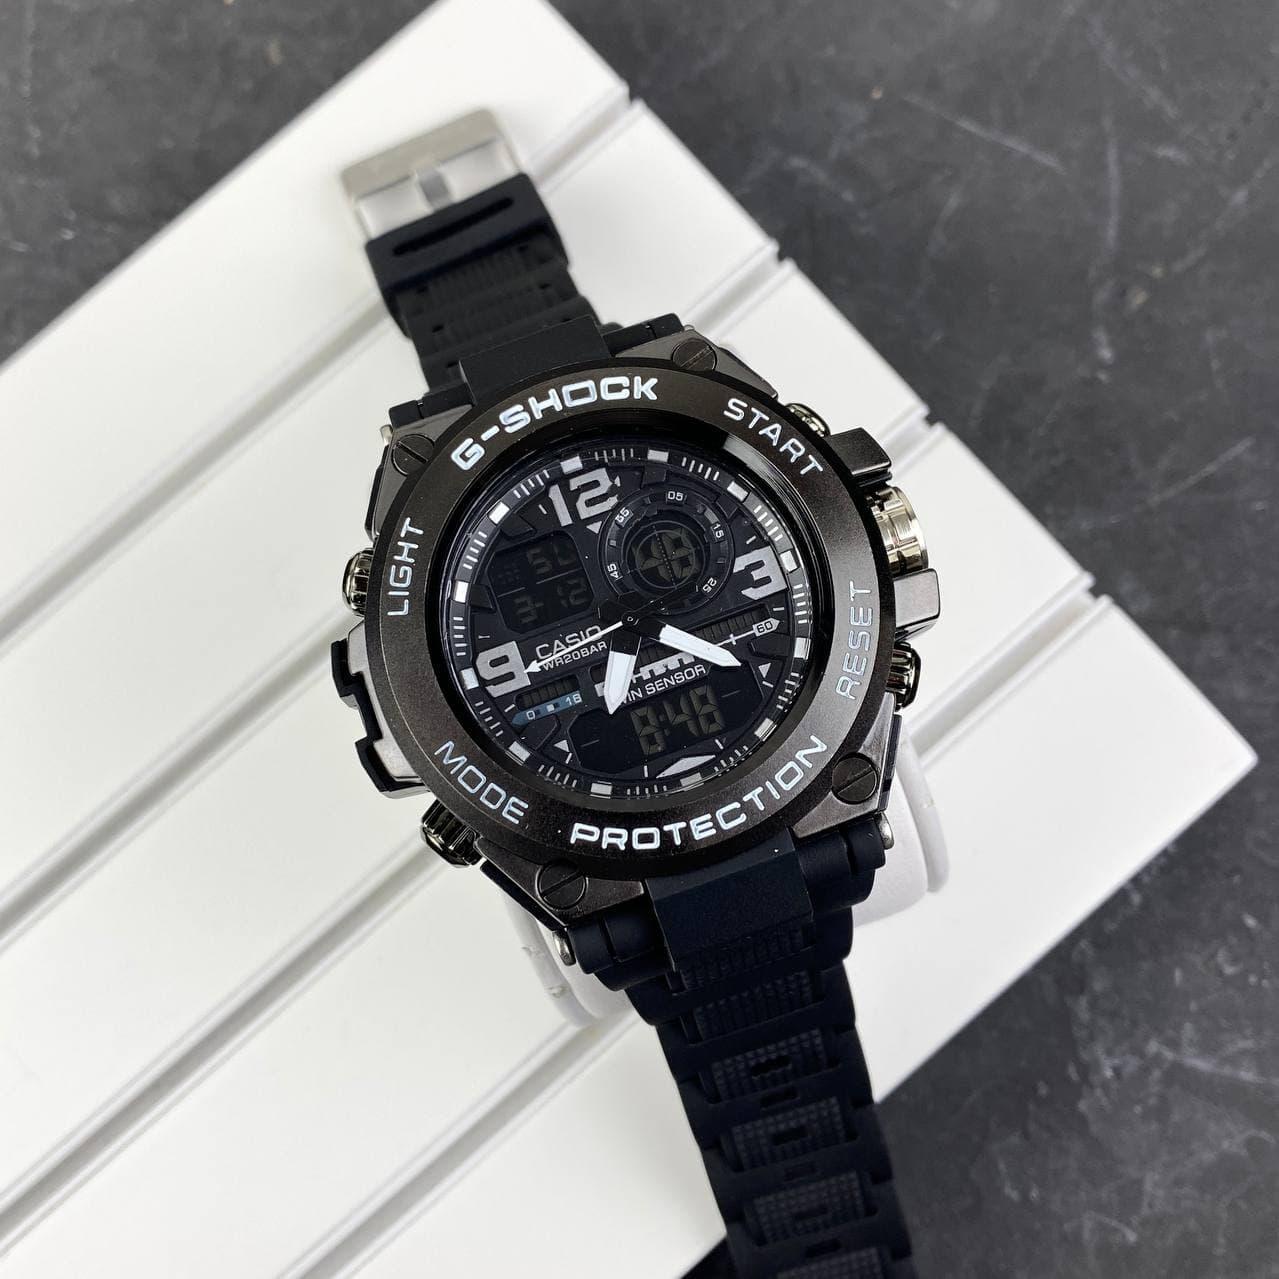 Мужские наручные часы Casio G-Shock GLG-1000 Black-White